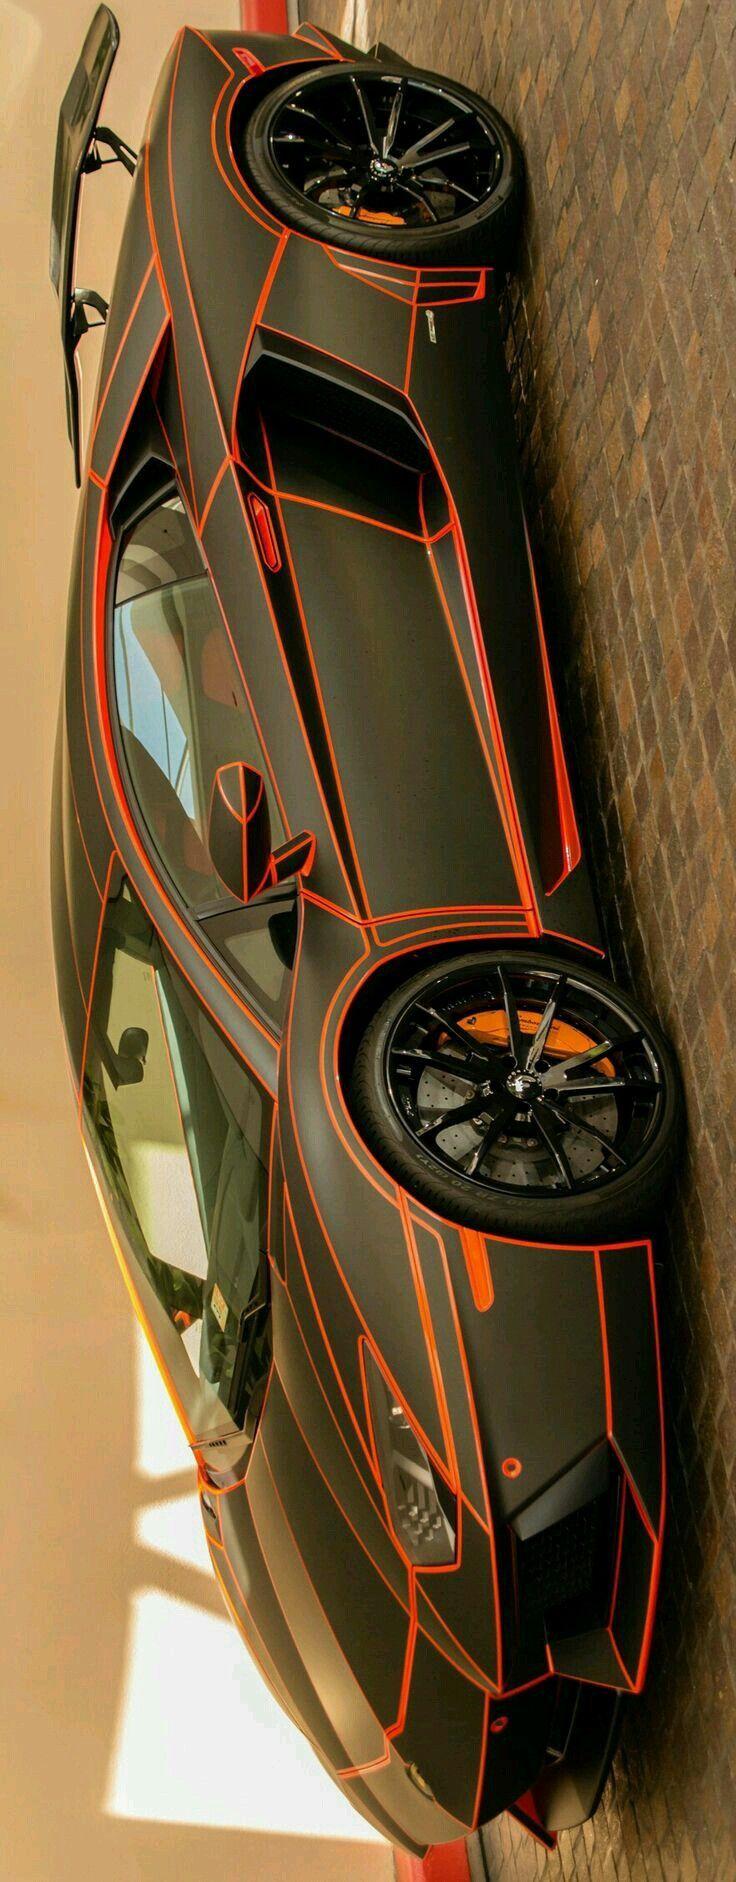 #Lamborghini Aventador by Levon                                                                                                                                                                                 More